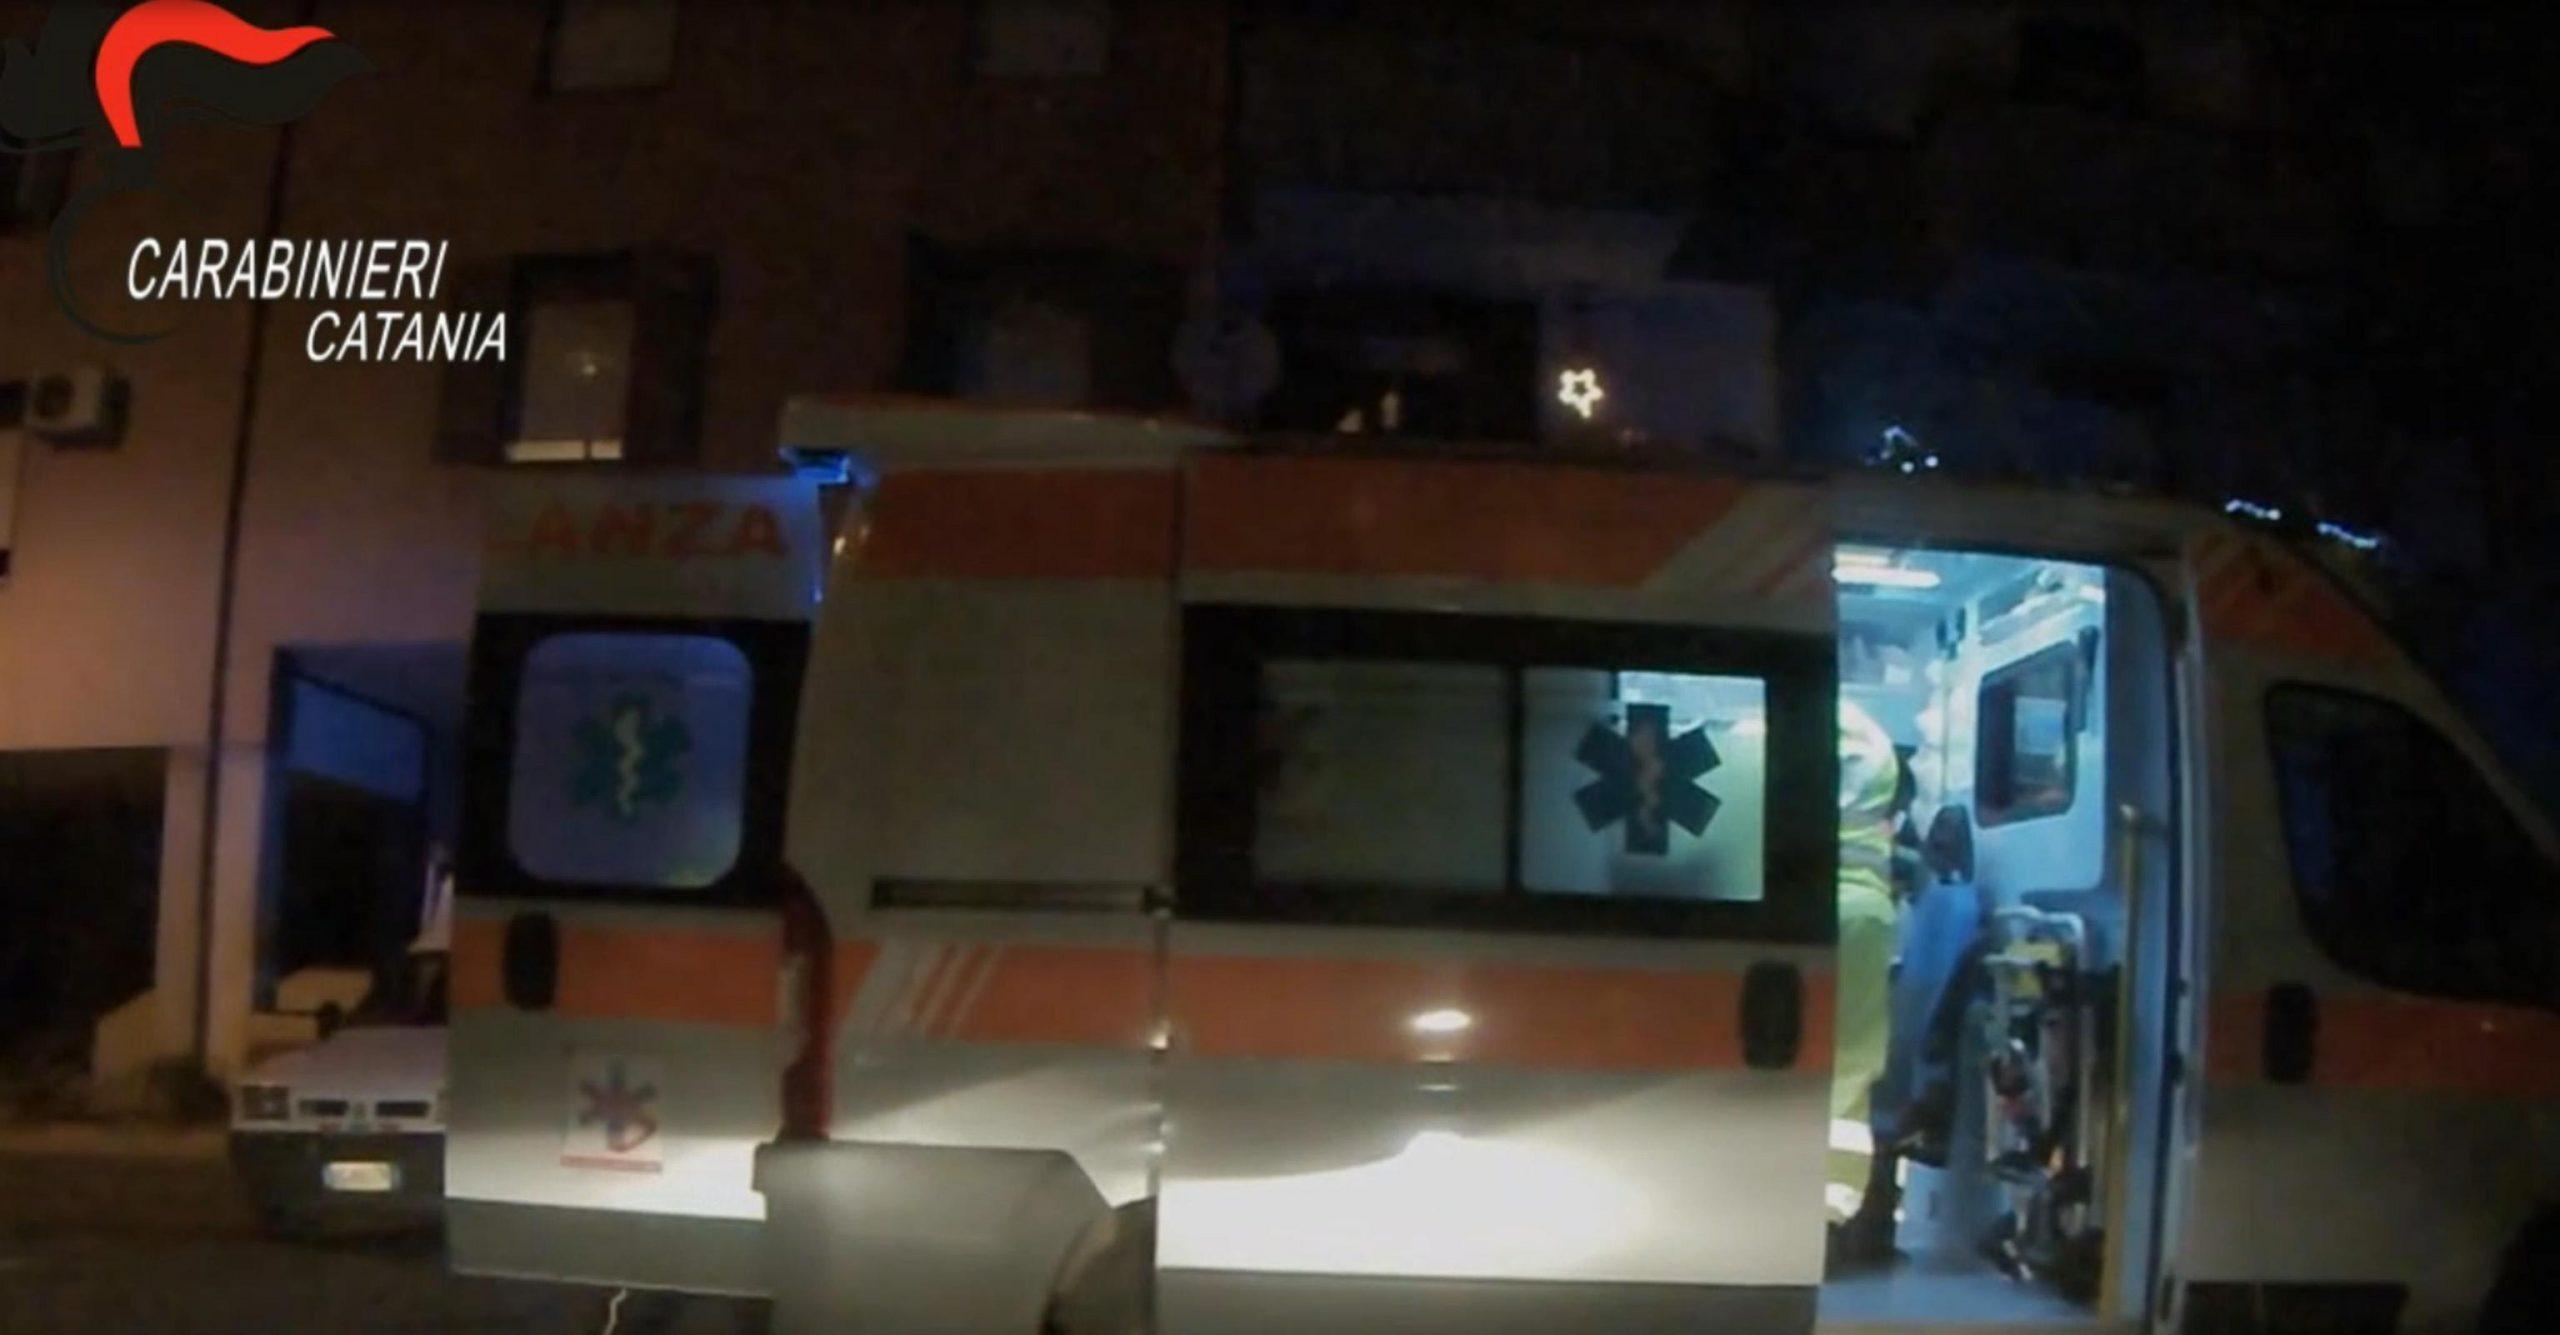 'Ambulanza della morte':verifiche Pm su oltre 50 casi